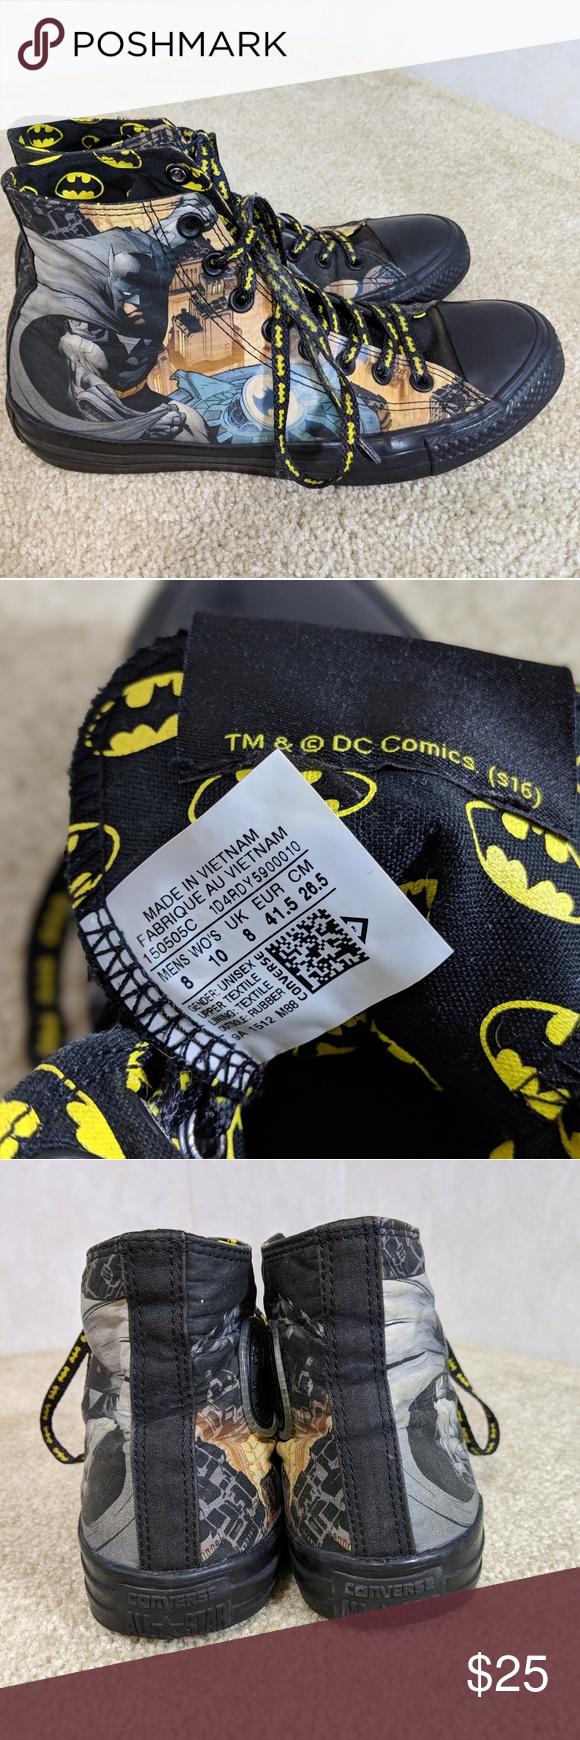 4e153f54c0bc Converse Batman High Tops DC Comics